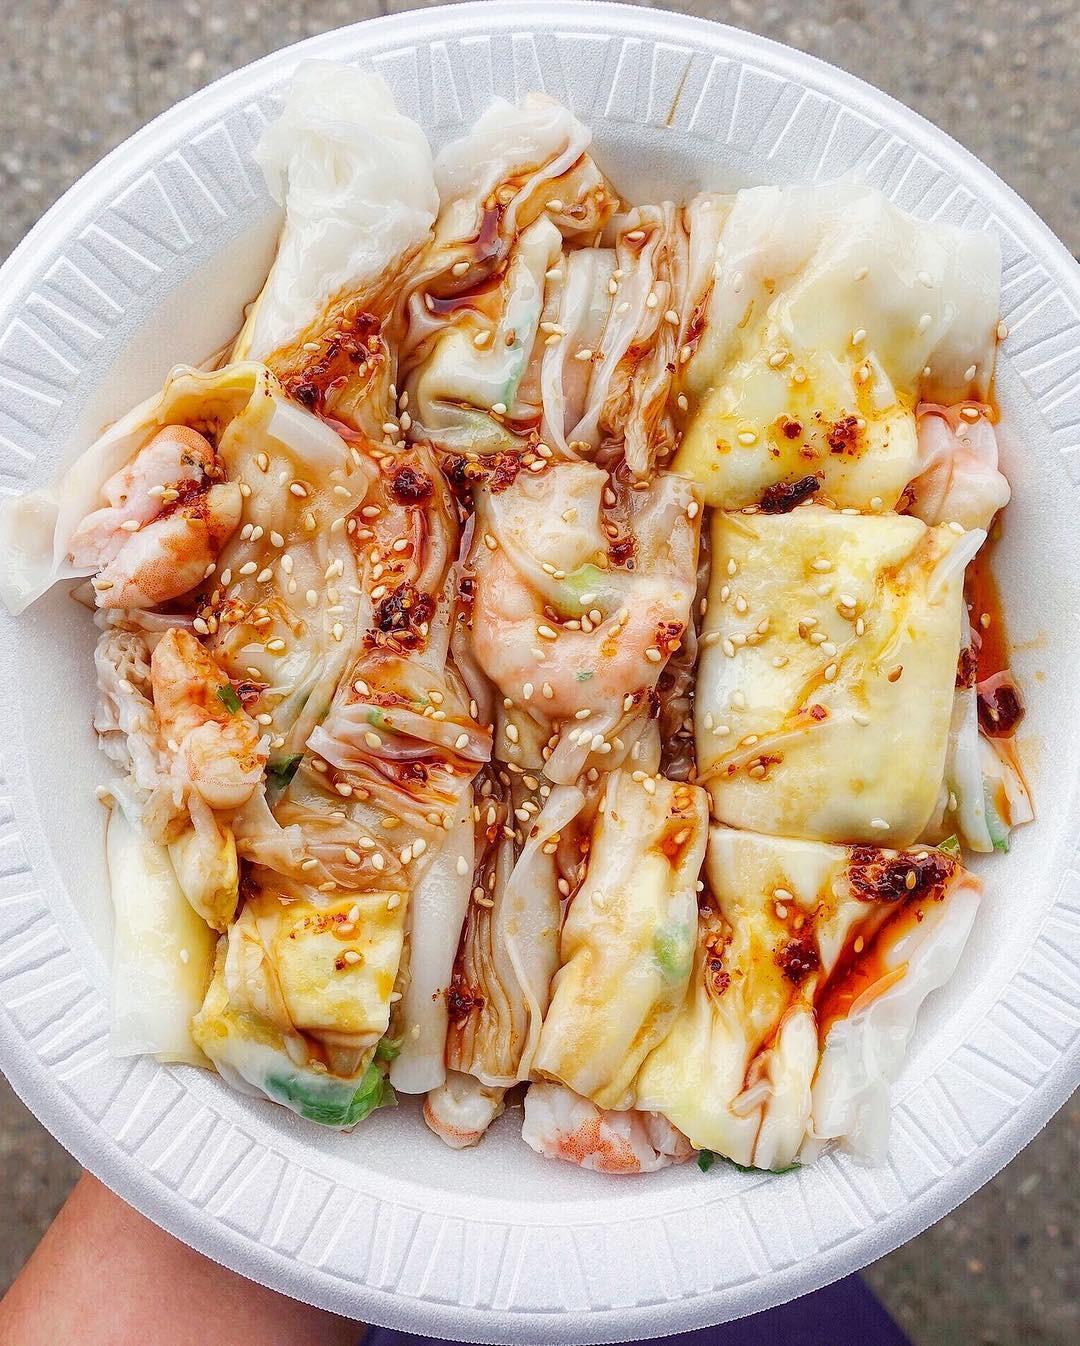 Nằm lòng 7 món ăn vặt siêu hấp dẫn cho team du lịch quét sập Hong Kong - Ảnh 20.